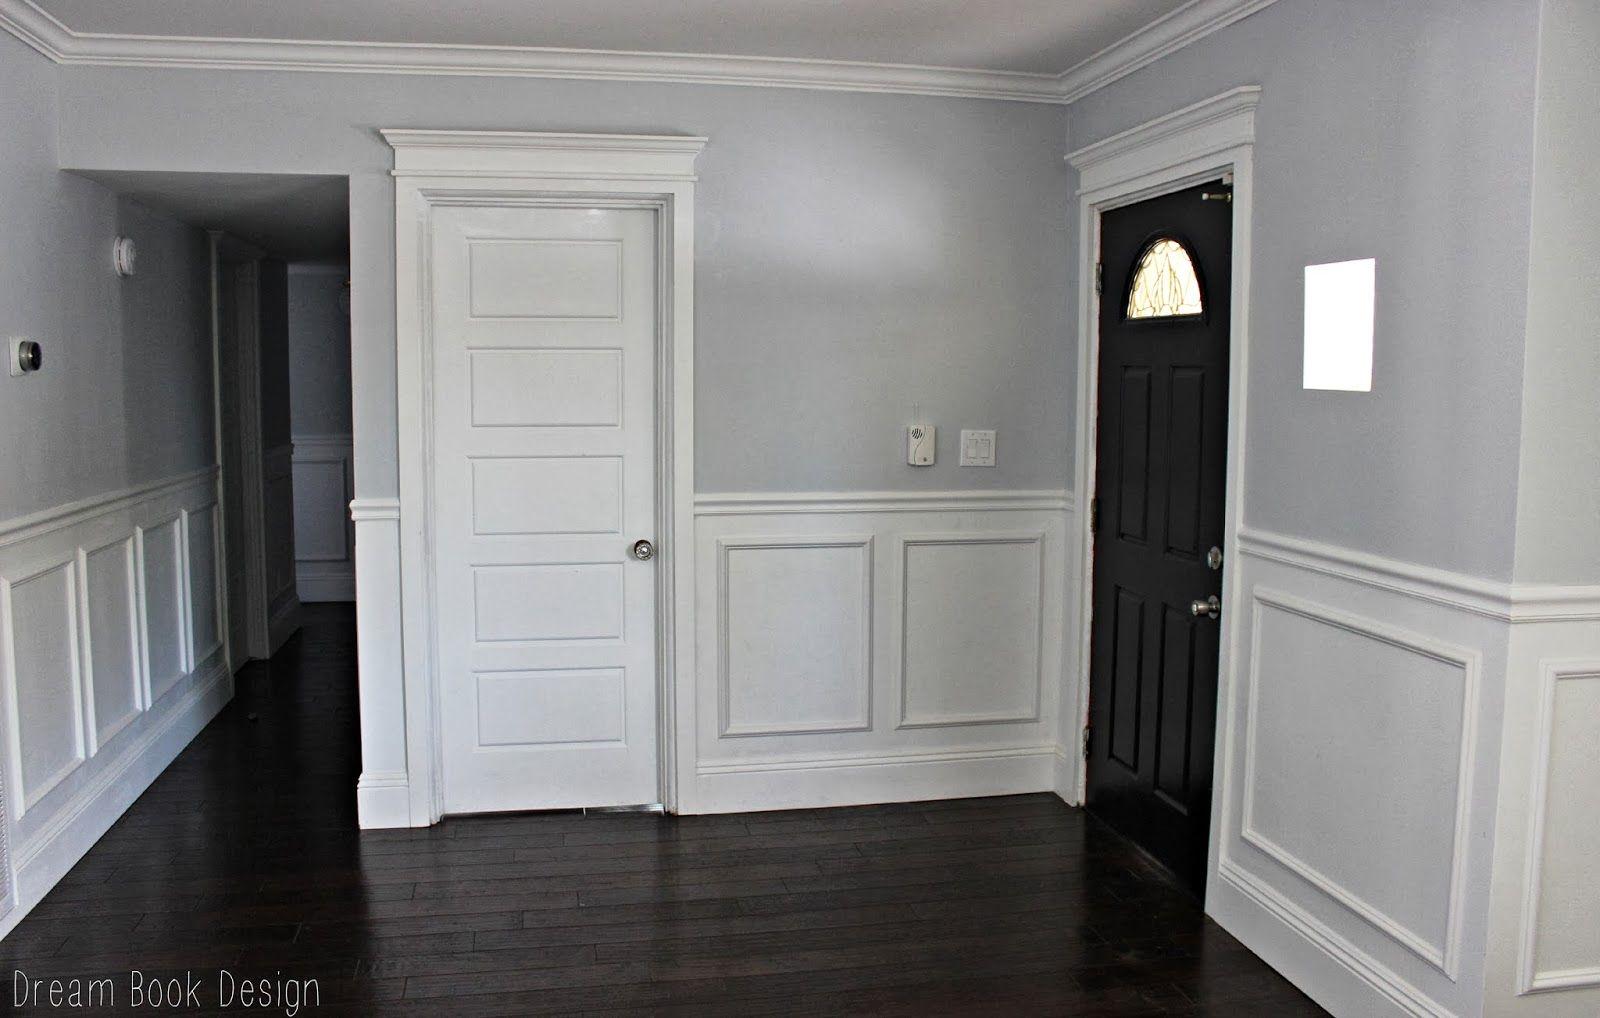 Our High Gloss Black Front Door Dream Book Design Grey Walls White Trim Black Front Doors Front Door Paint Colors